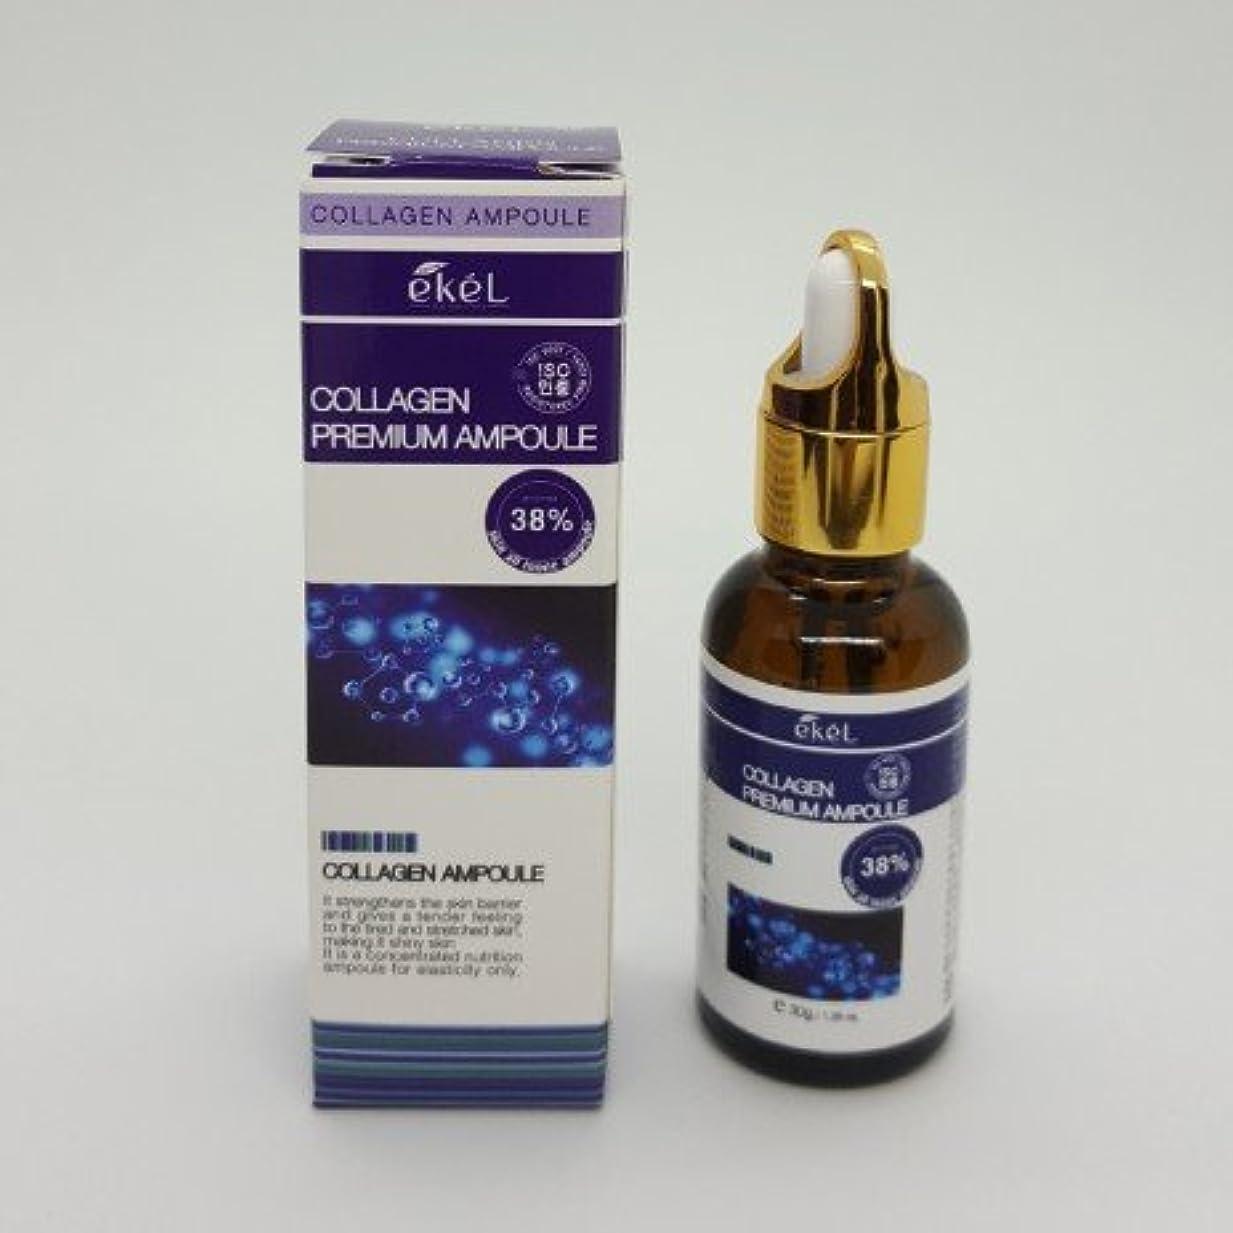 どれ提案する起こりやすい[EKEL] Collagen Premium Ampoule 38% - 30g